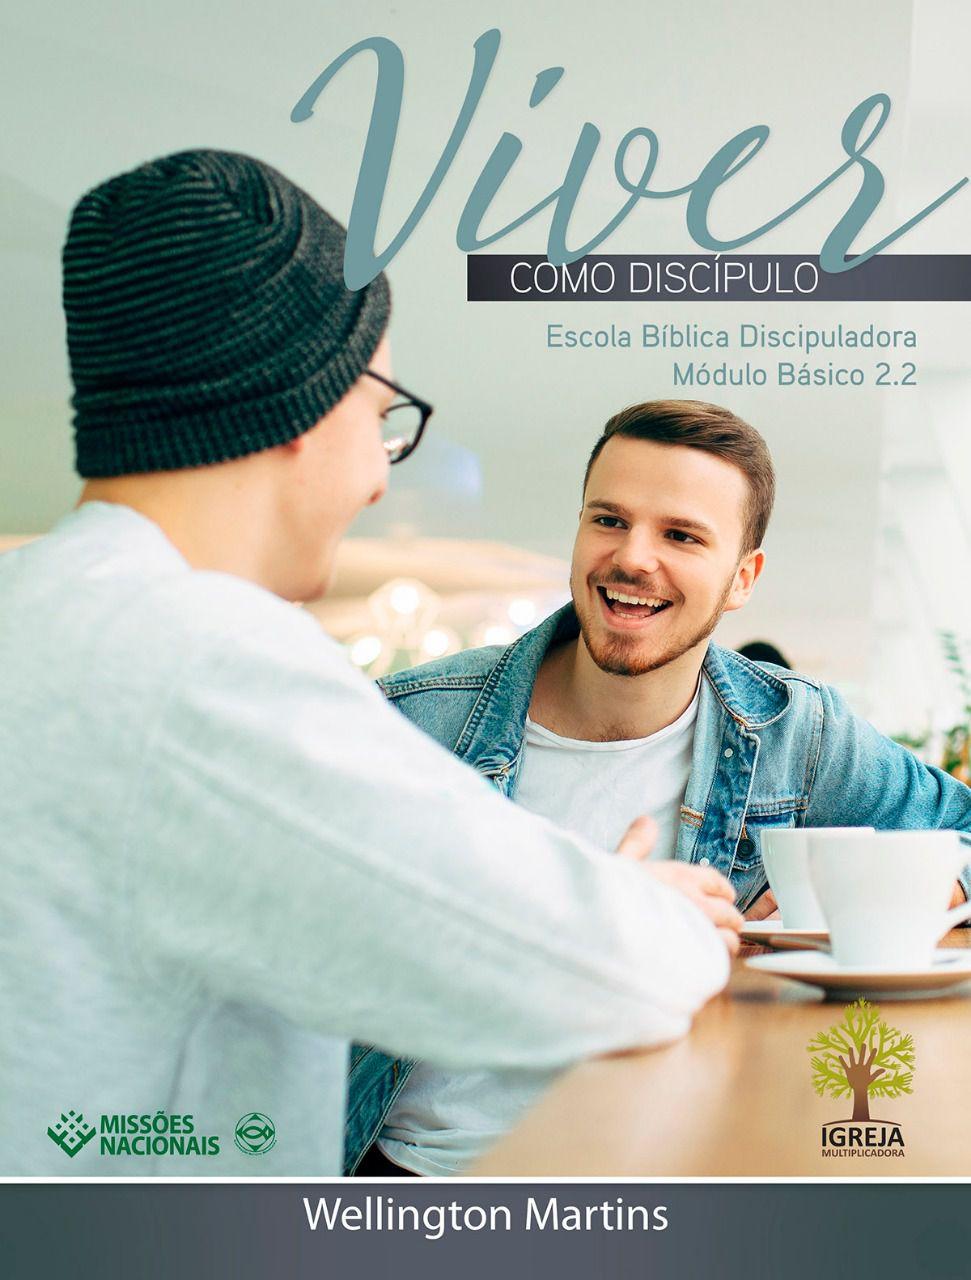 Revista Viver como discípulo - Módulo 2.2